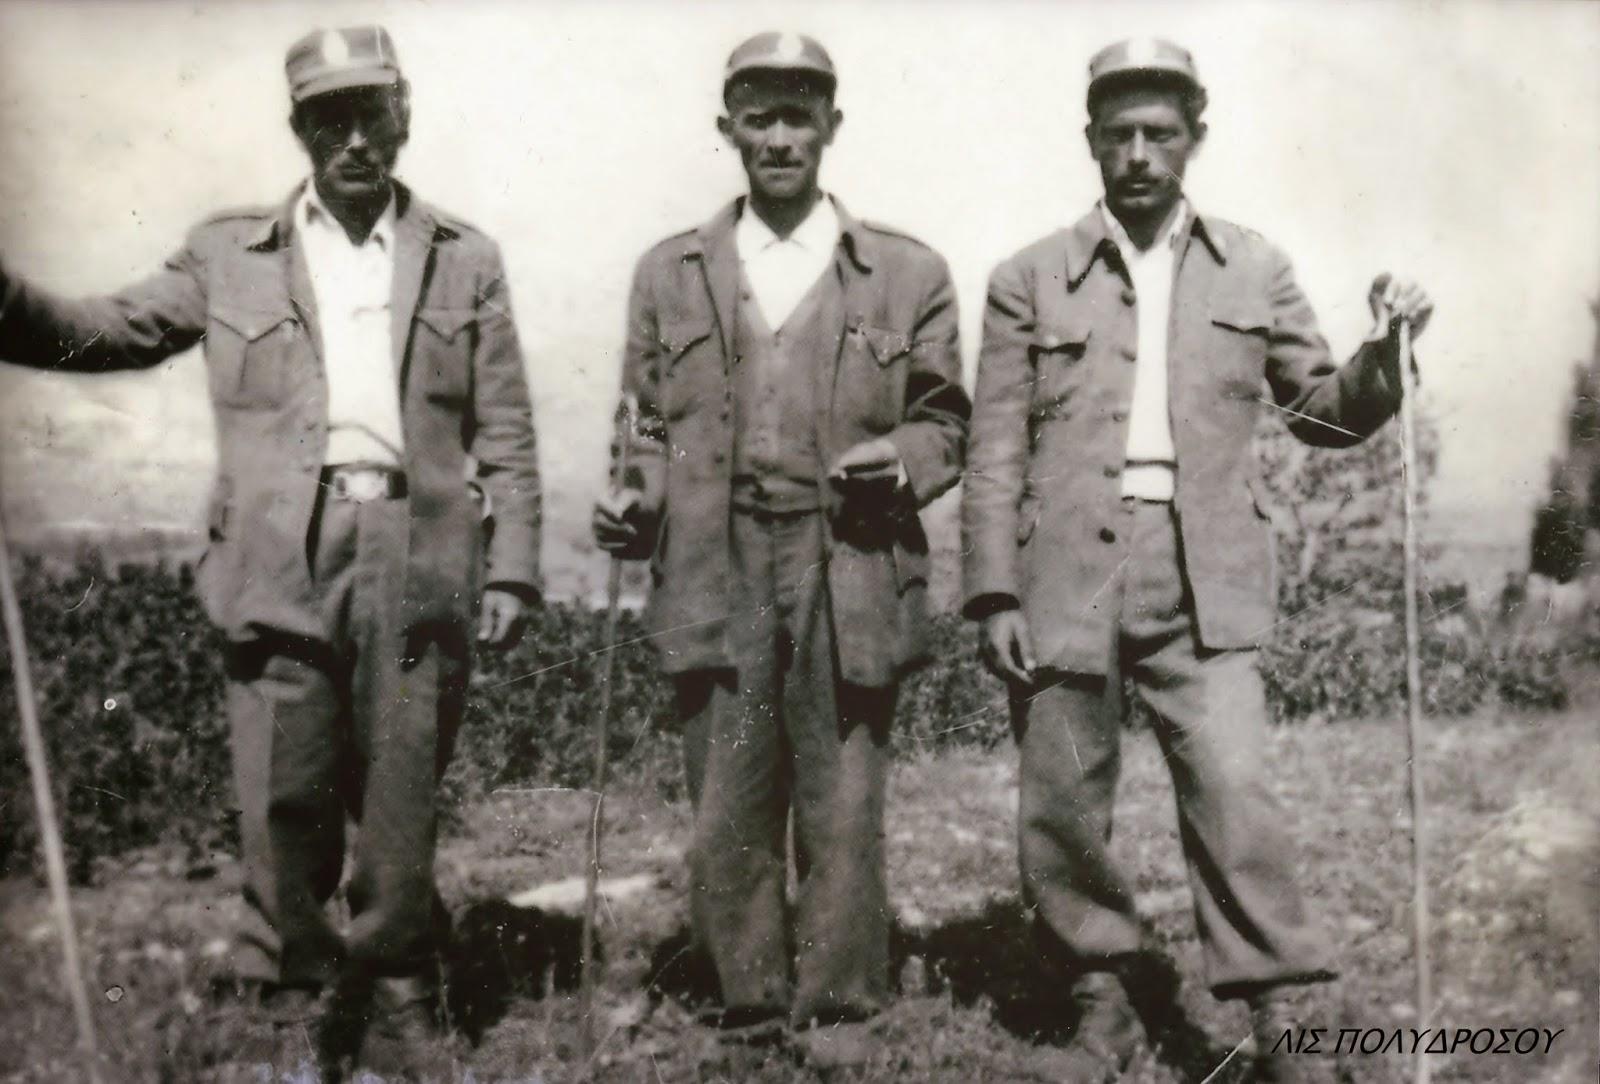 """ΛΑΟΓΡΑΦΙΚΟΣ - ΙΣΤΟΡΙΚΟΣ ΣΥΛΛΟΓΟΣ """" Η ΣΟΥΒΑΛΑ ΠΑΡΝΑΣΣΟΥ """": ΟΙ ΑΓΡΟΦΥΛΑΚΕΣ ΤΟΥ ΧΩΡΙΟΥ ΜΑΣ"""